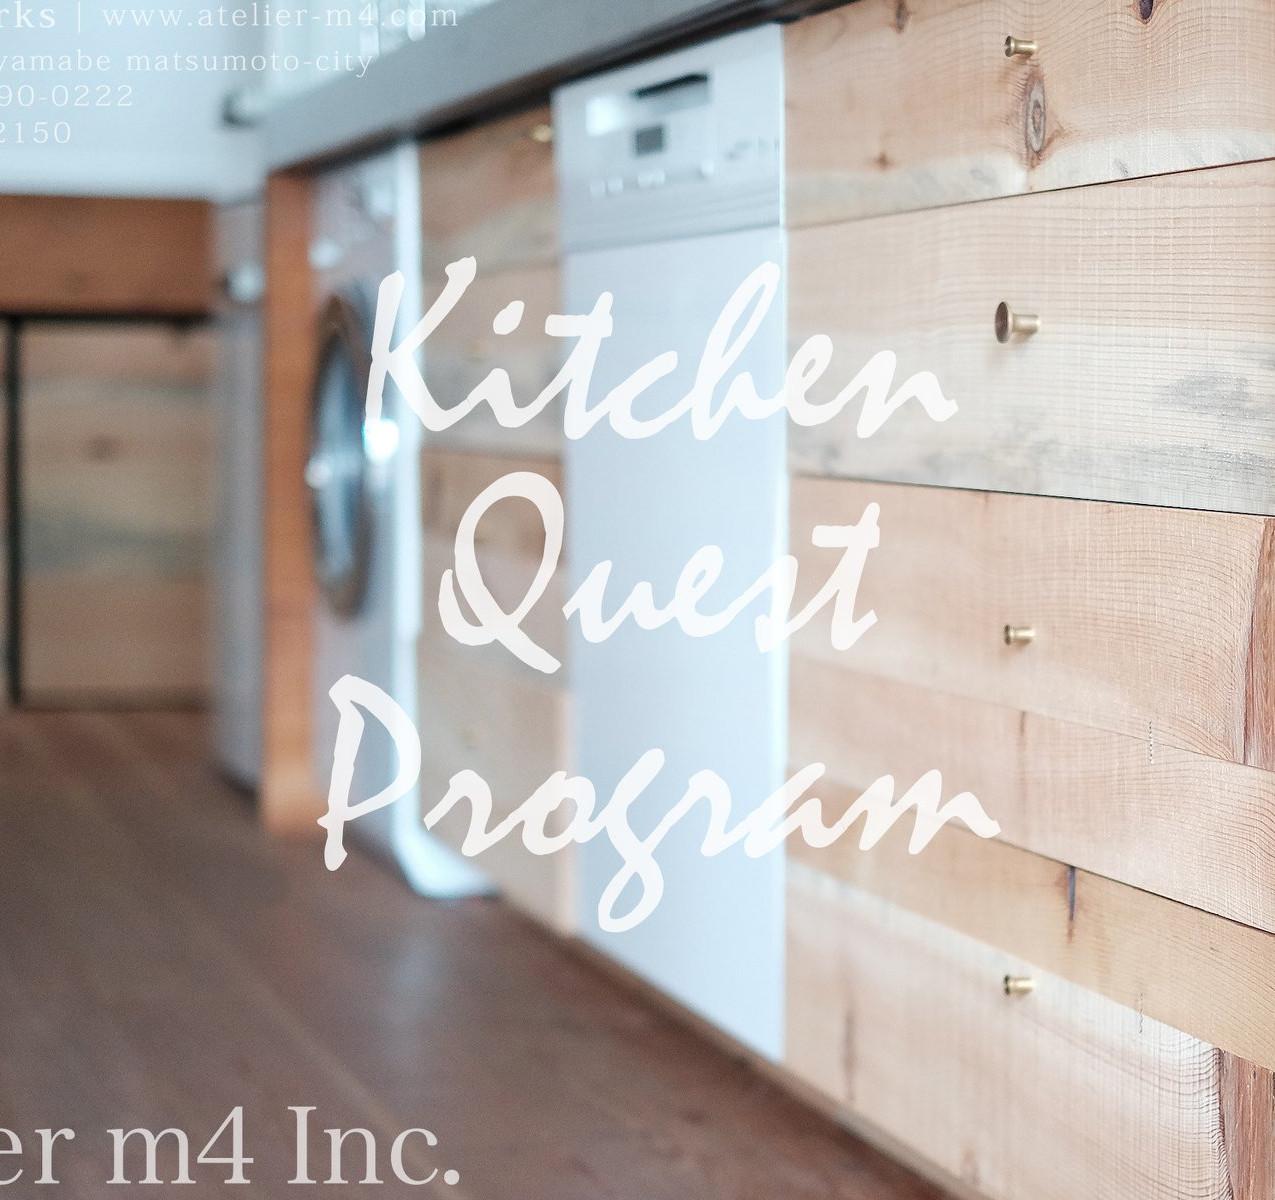 キッチン制作事例 / ステンレスワークトップ、赤松(安曇野市産)材、真鍮削り出しツマミ、ヘティヒ社製引出しレール等。